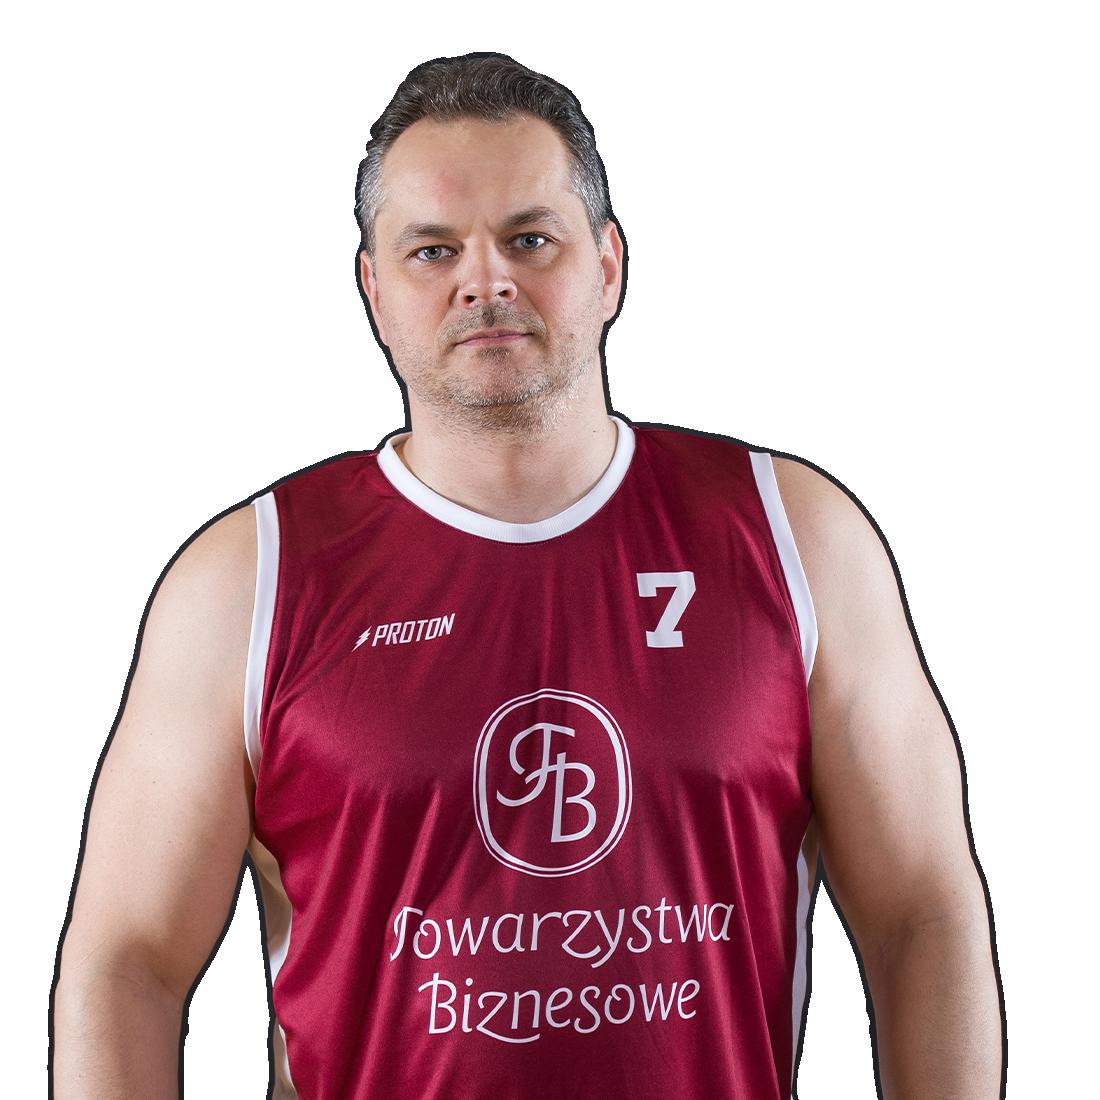 Tomasz Guzikowski